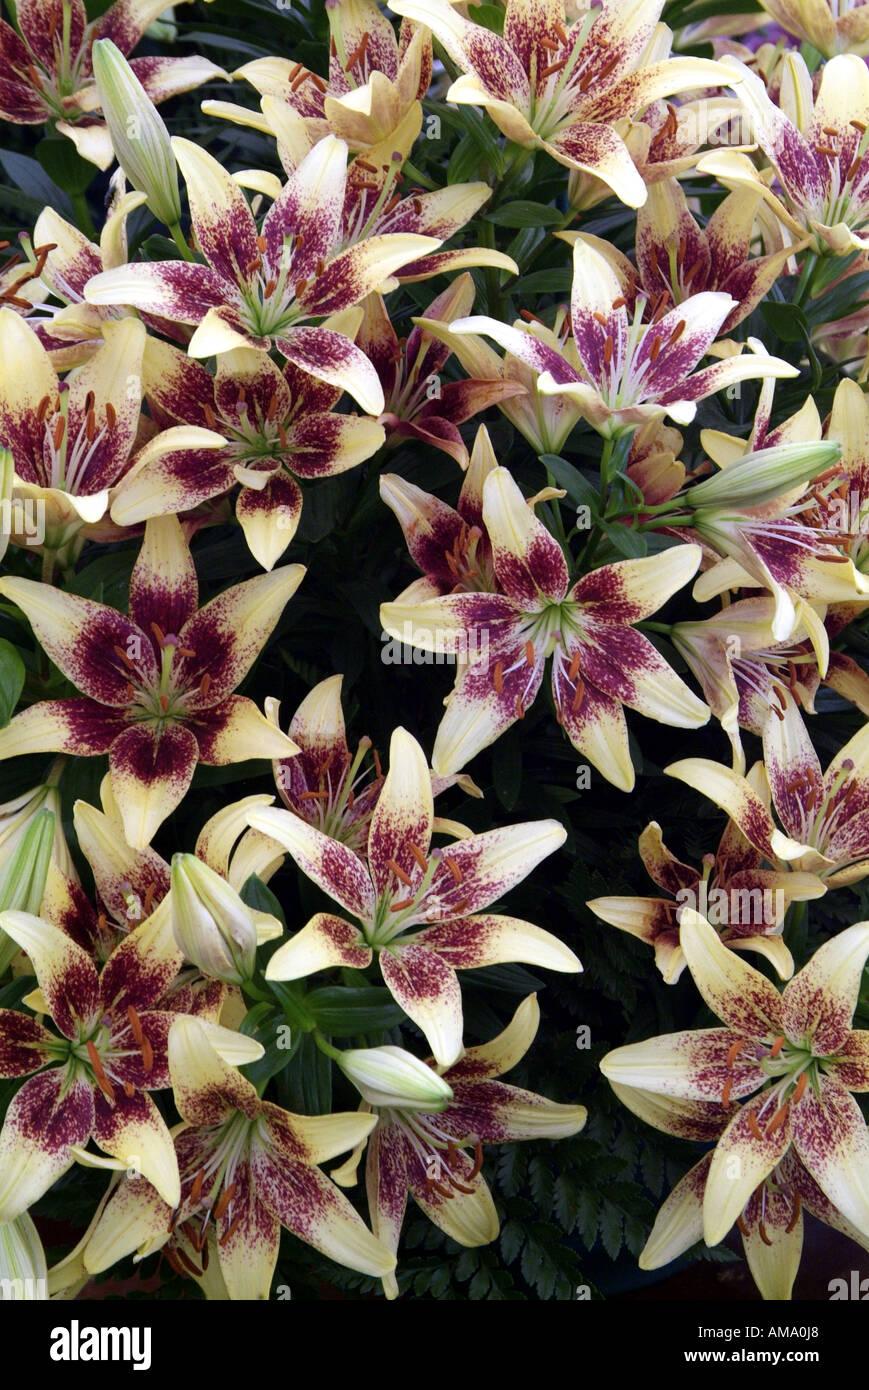 Lily white purple fleurs jardin plantes du genre frontière variété chef bud bunch England UK Royaume-Uni GB Grande-bretagne EU Banque D'Images